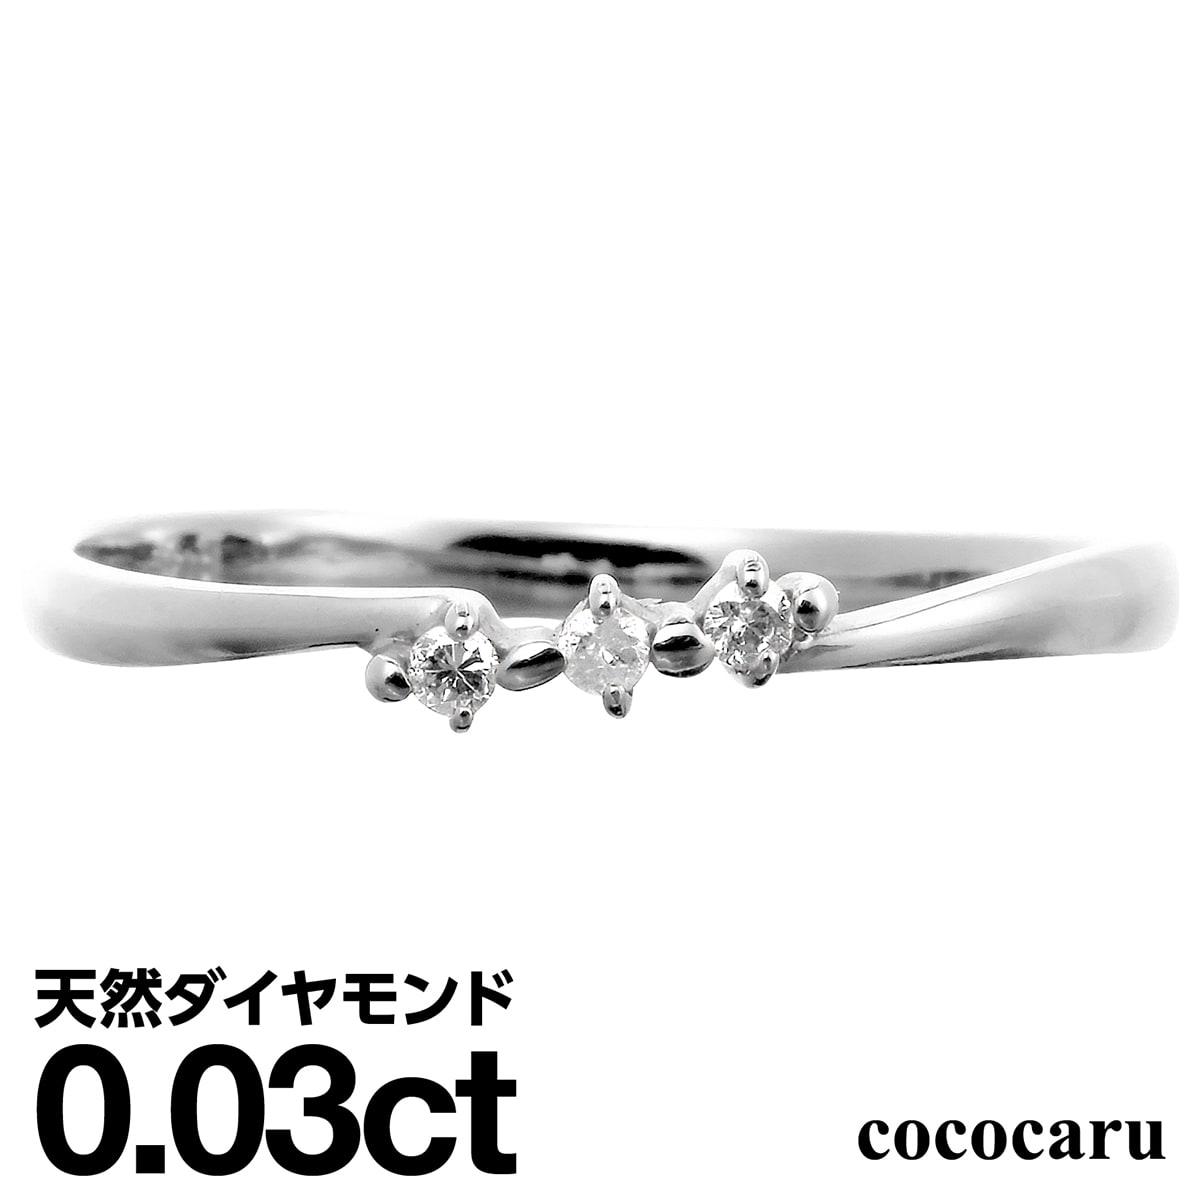 【送料無料】指輪 pt900 天然ダイヤモンド リング プラチナ900 ファッションリング 品質保証書 金属アレルギー 日本製【smtb-m】【auktn_fs】